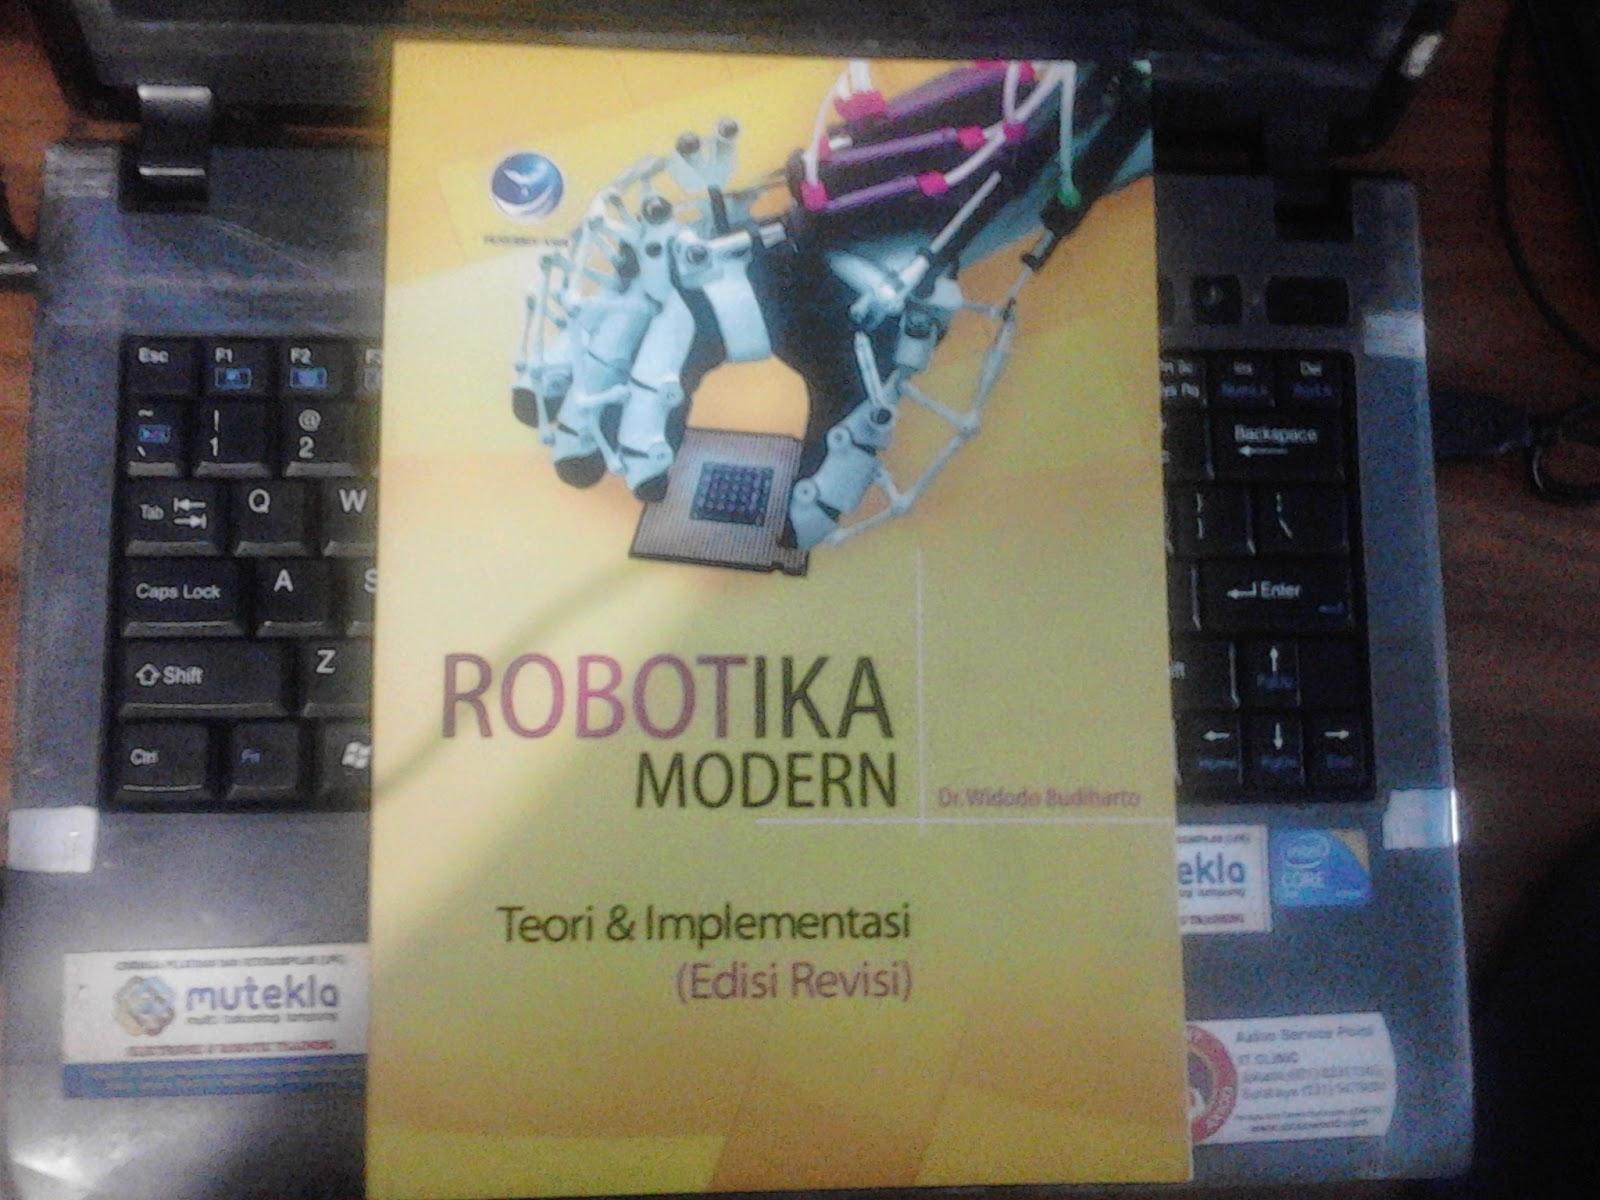 Buku Robotika Modern Teori dan Implementasi (Edisi Revisi)